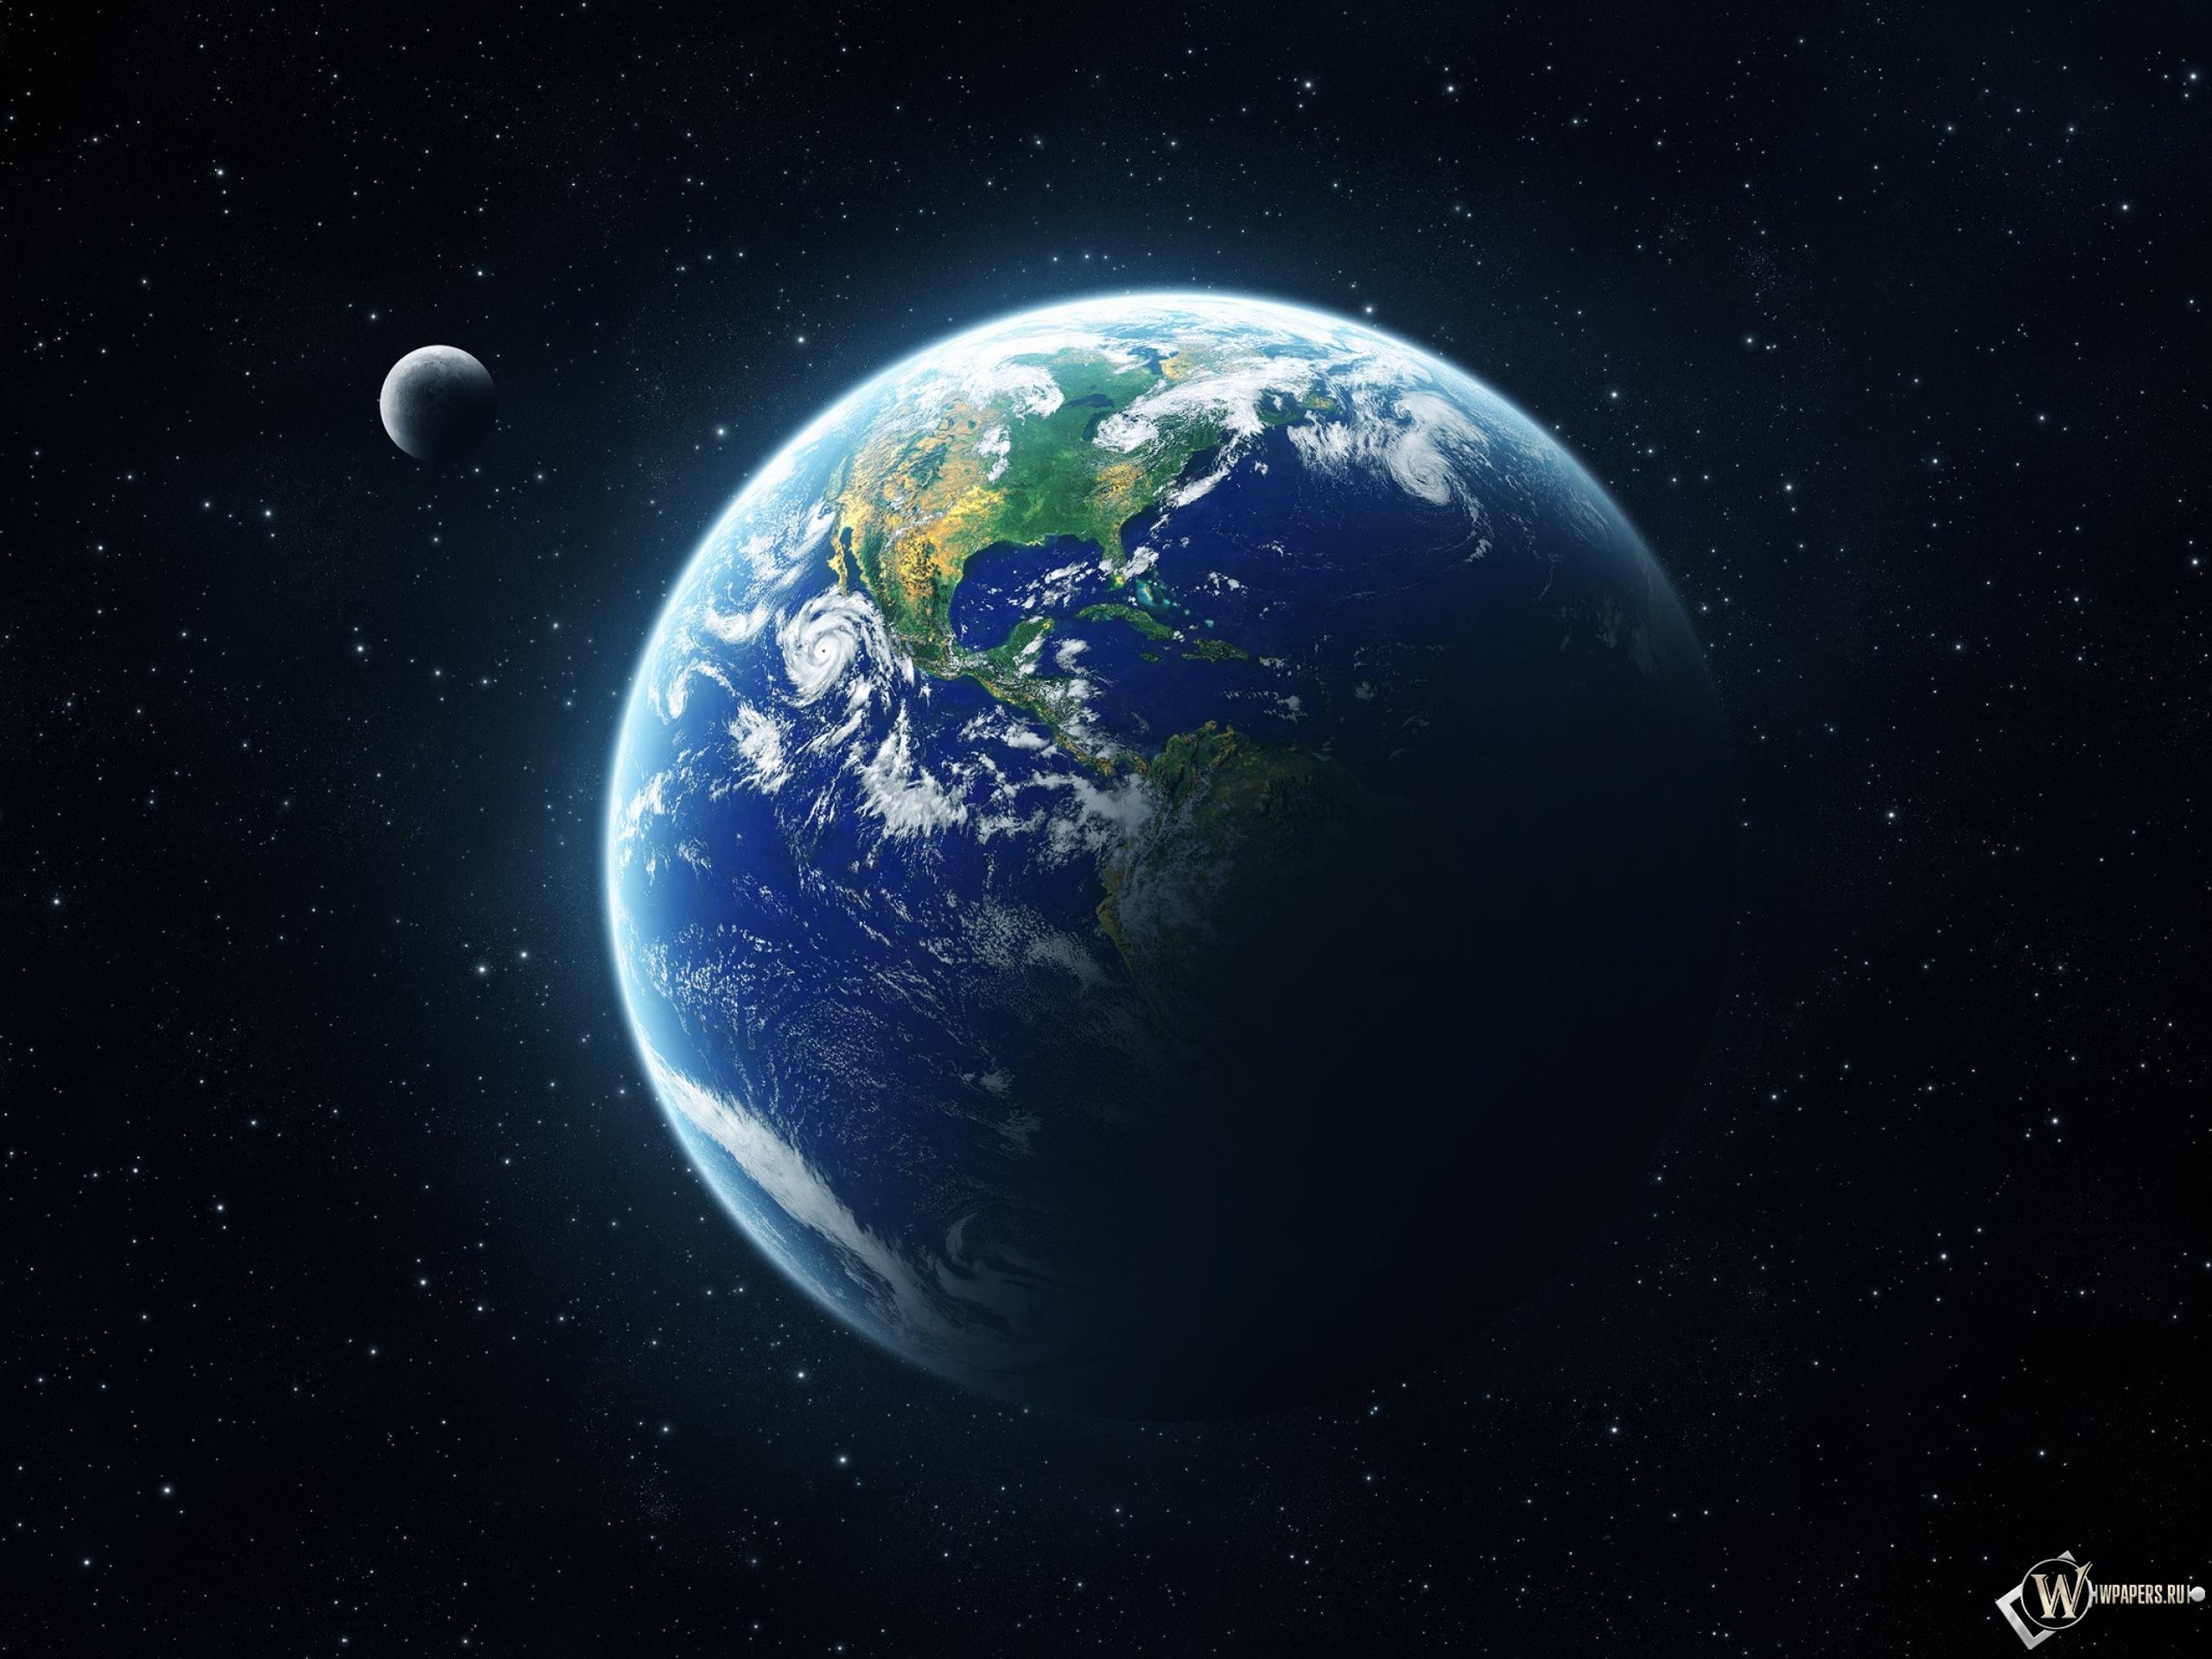 Обои earth на рабочий стол с разрешением